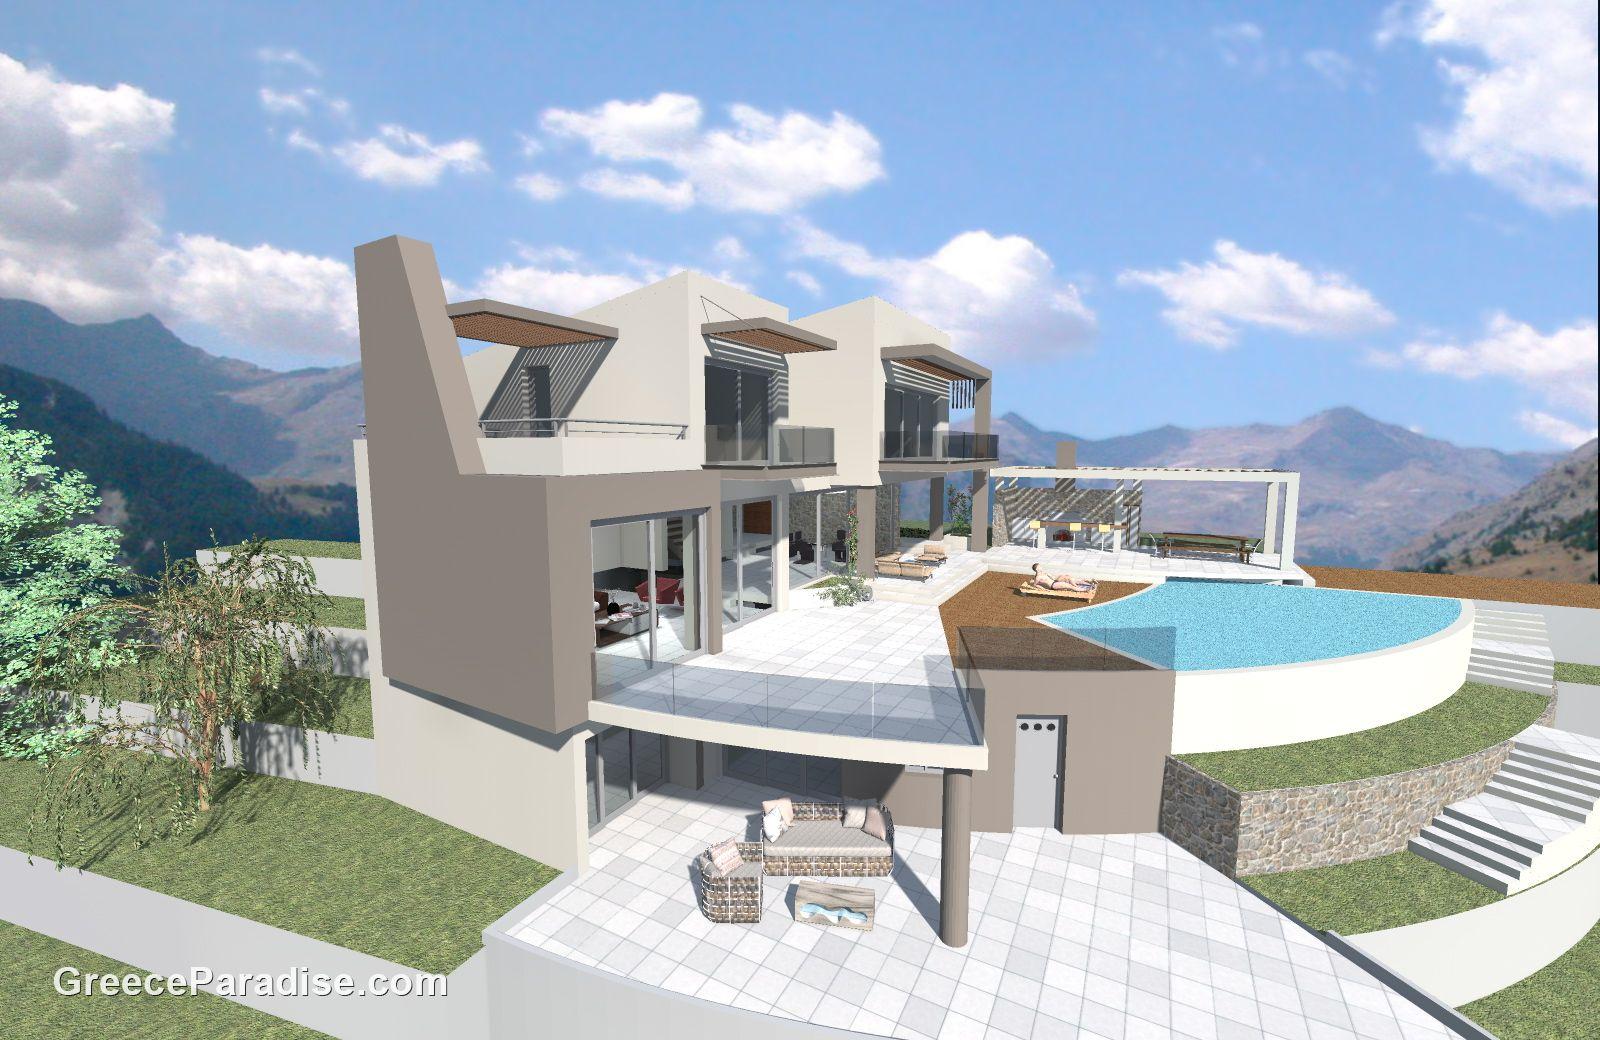 Projet de construction p p 0330 greece paradise for Projet construction